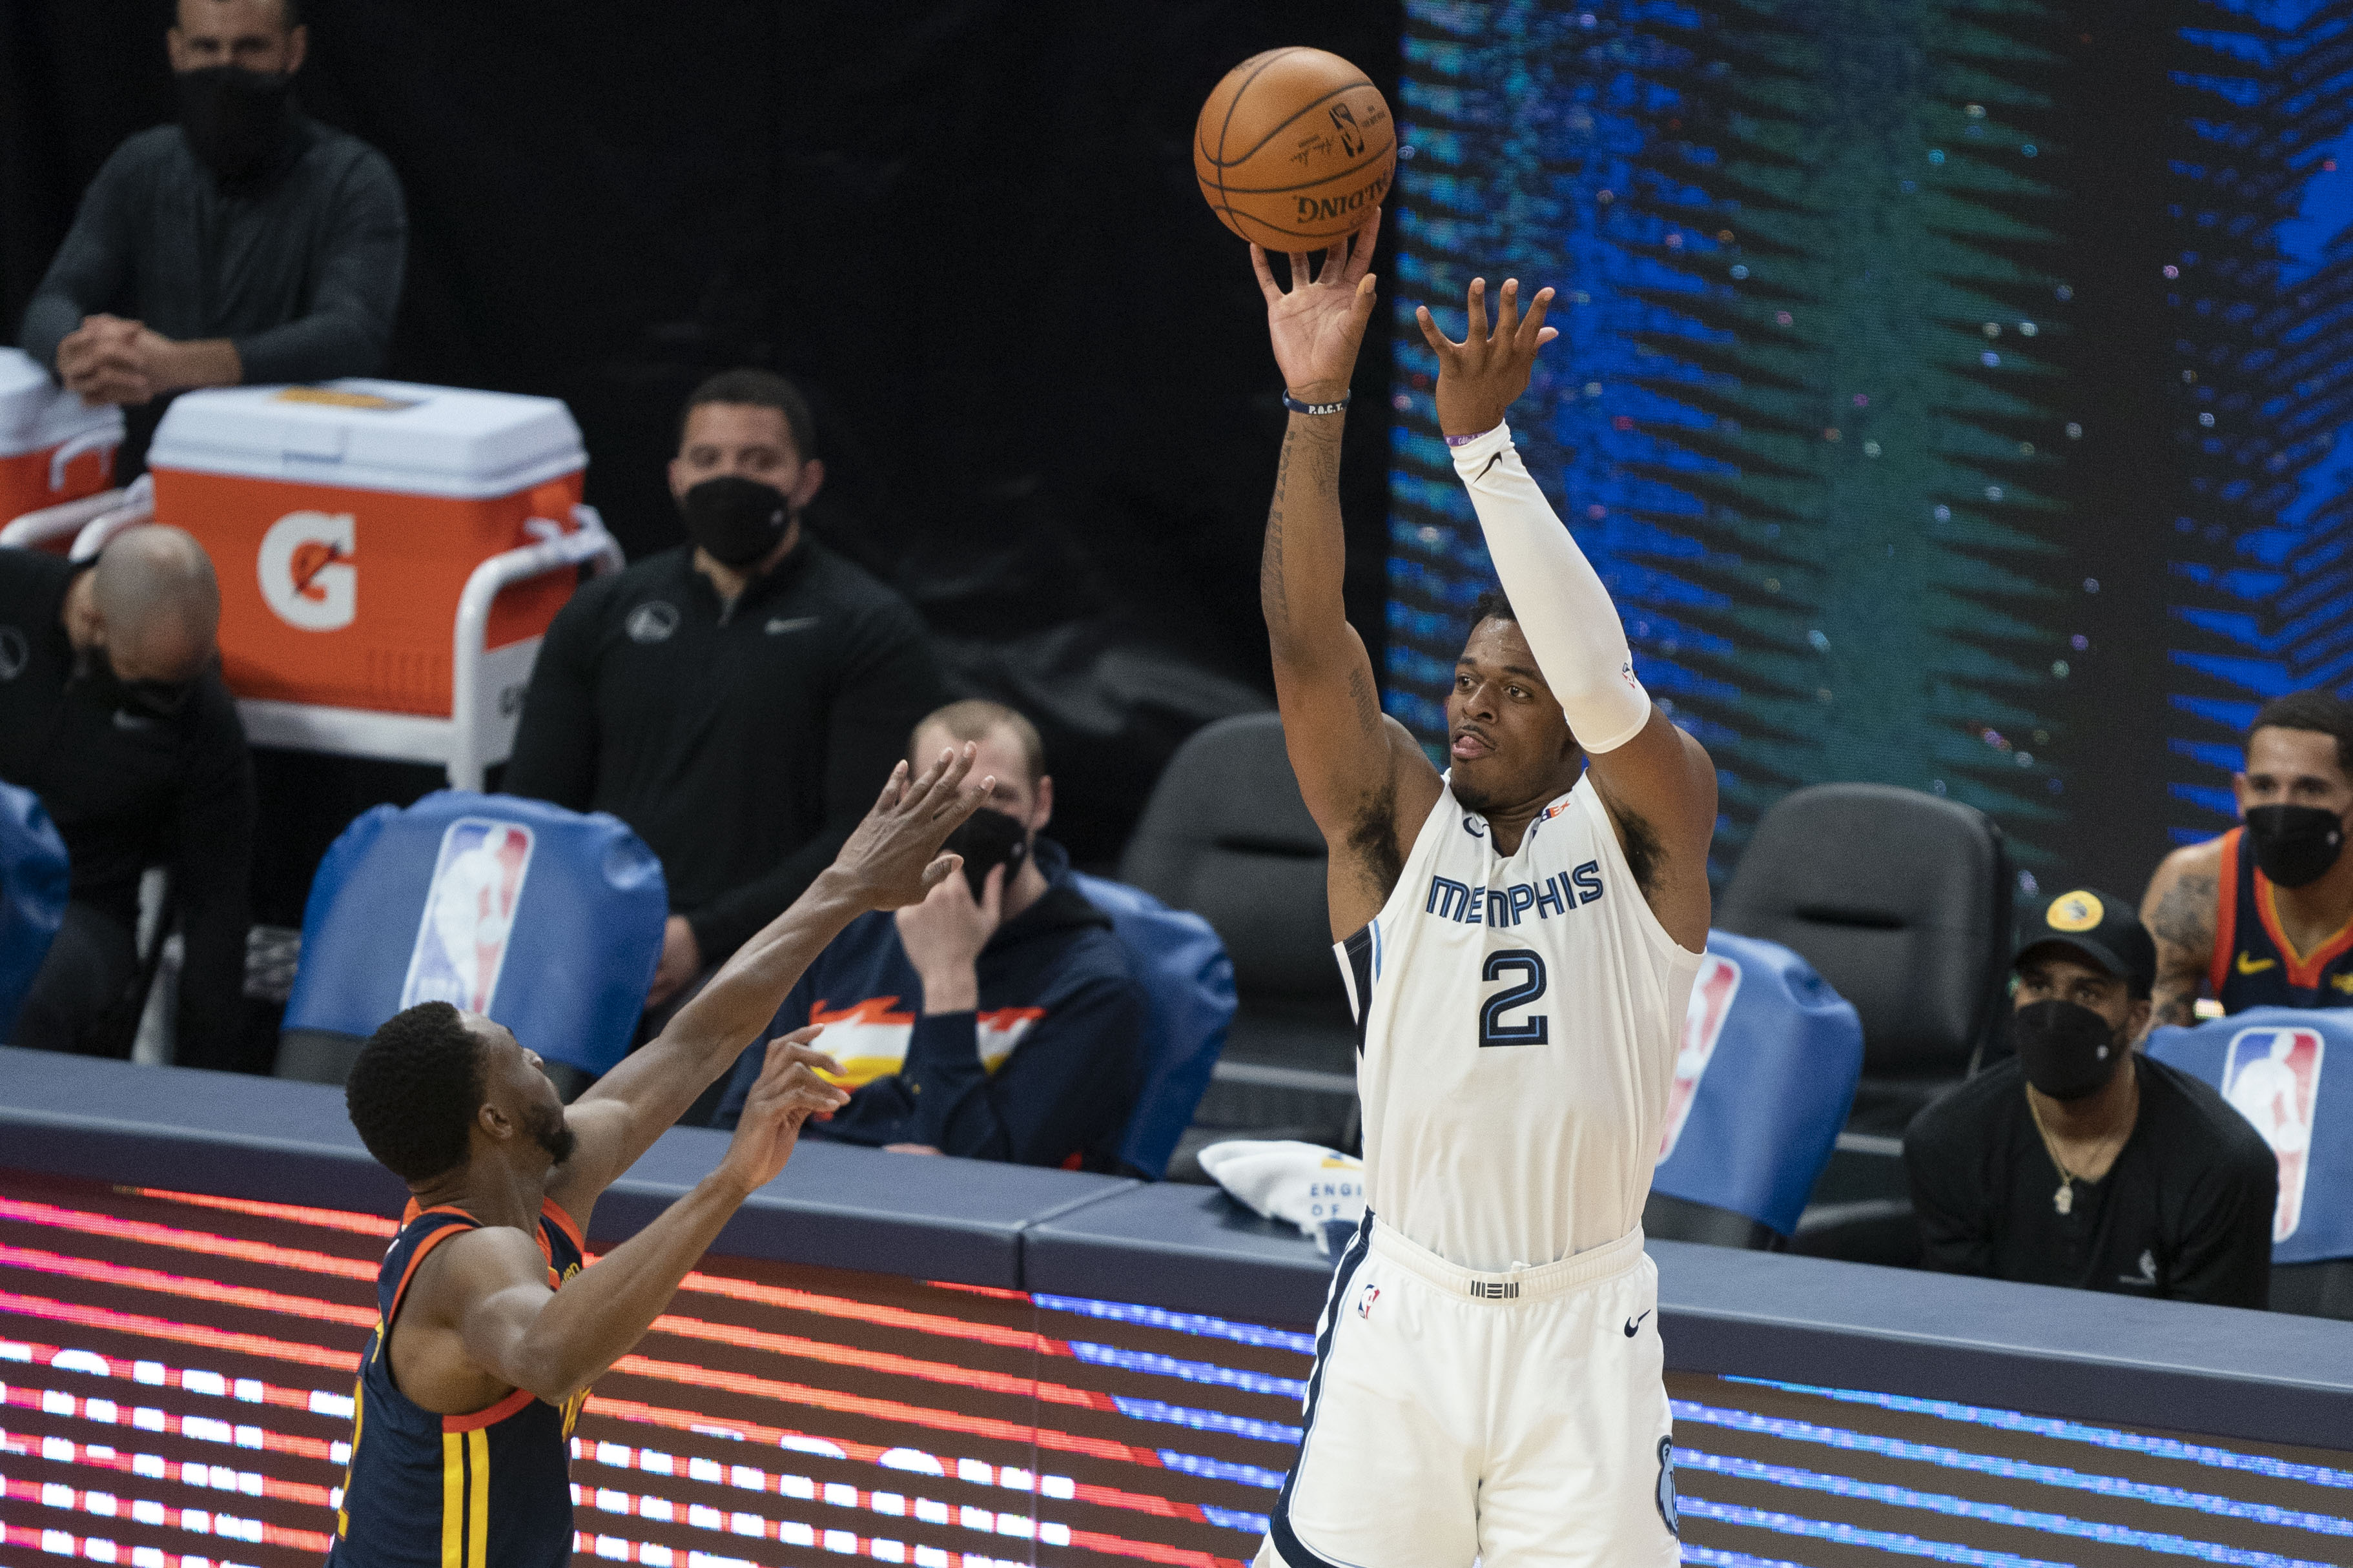 NBA: Memphis Grizzlies at Golden State Warriors